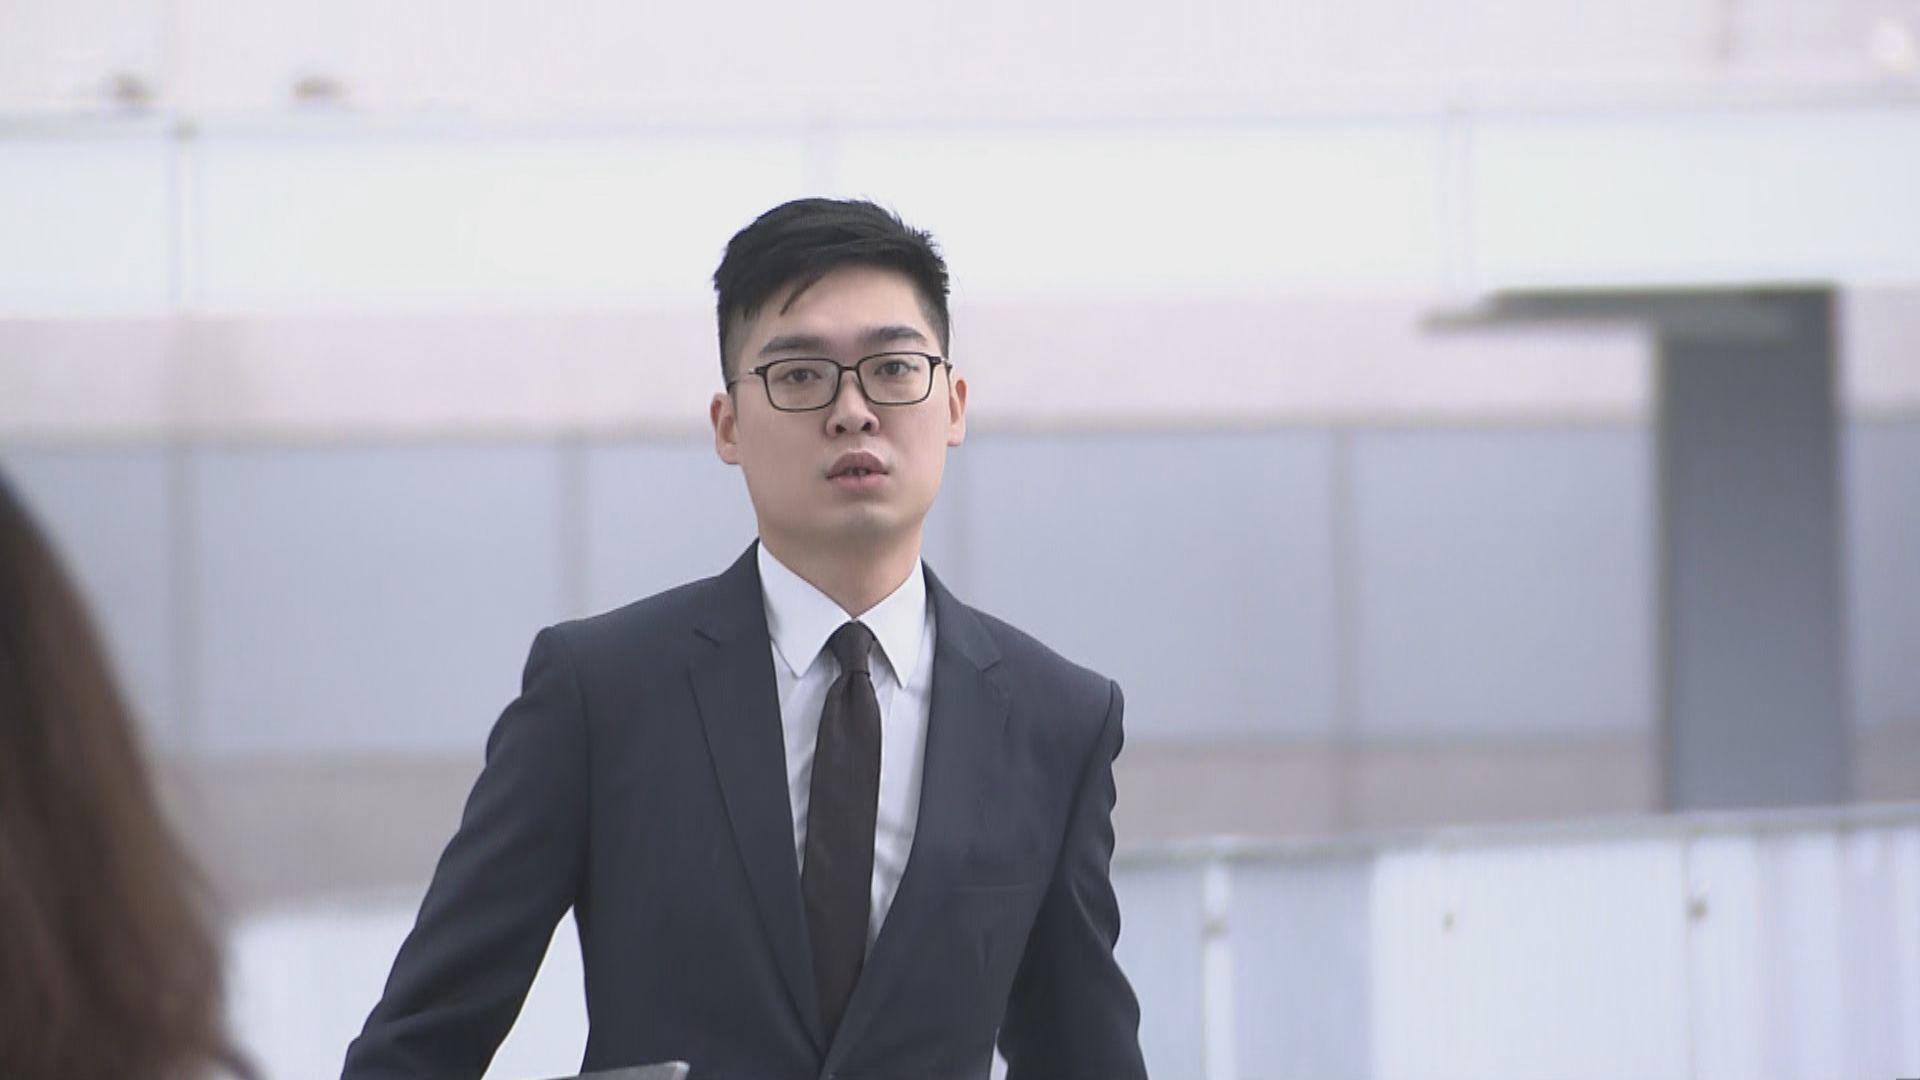 民族黨被禁運作上訴 陳浩天拒透露會面內容